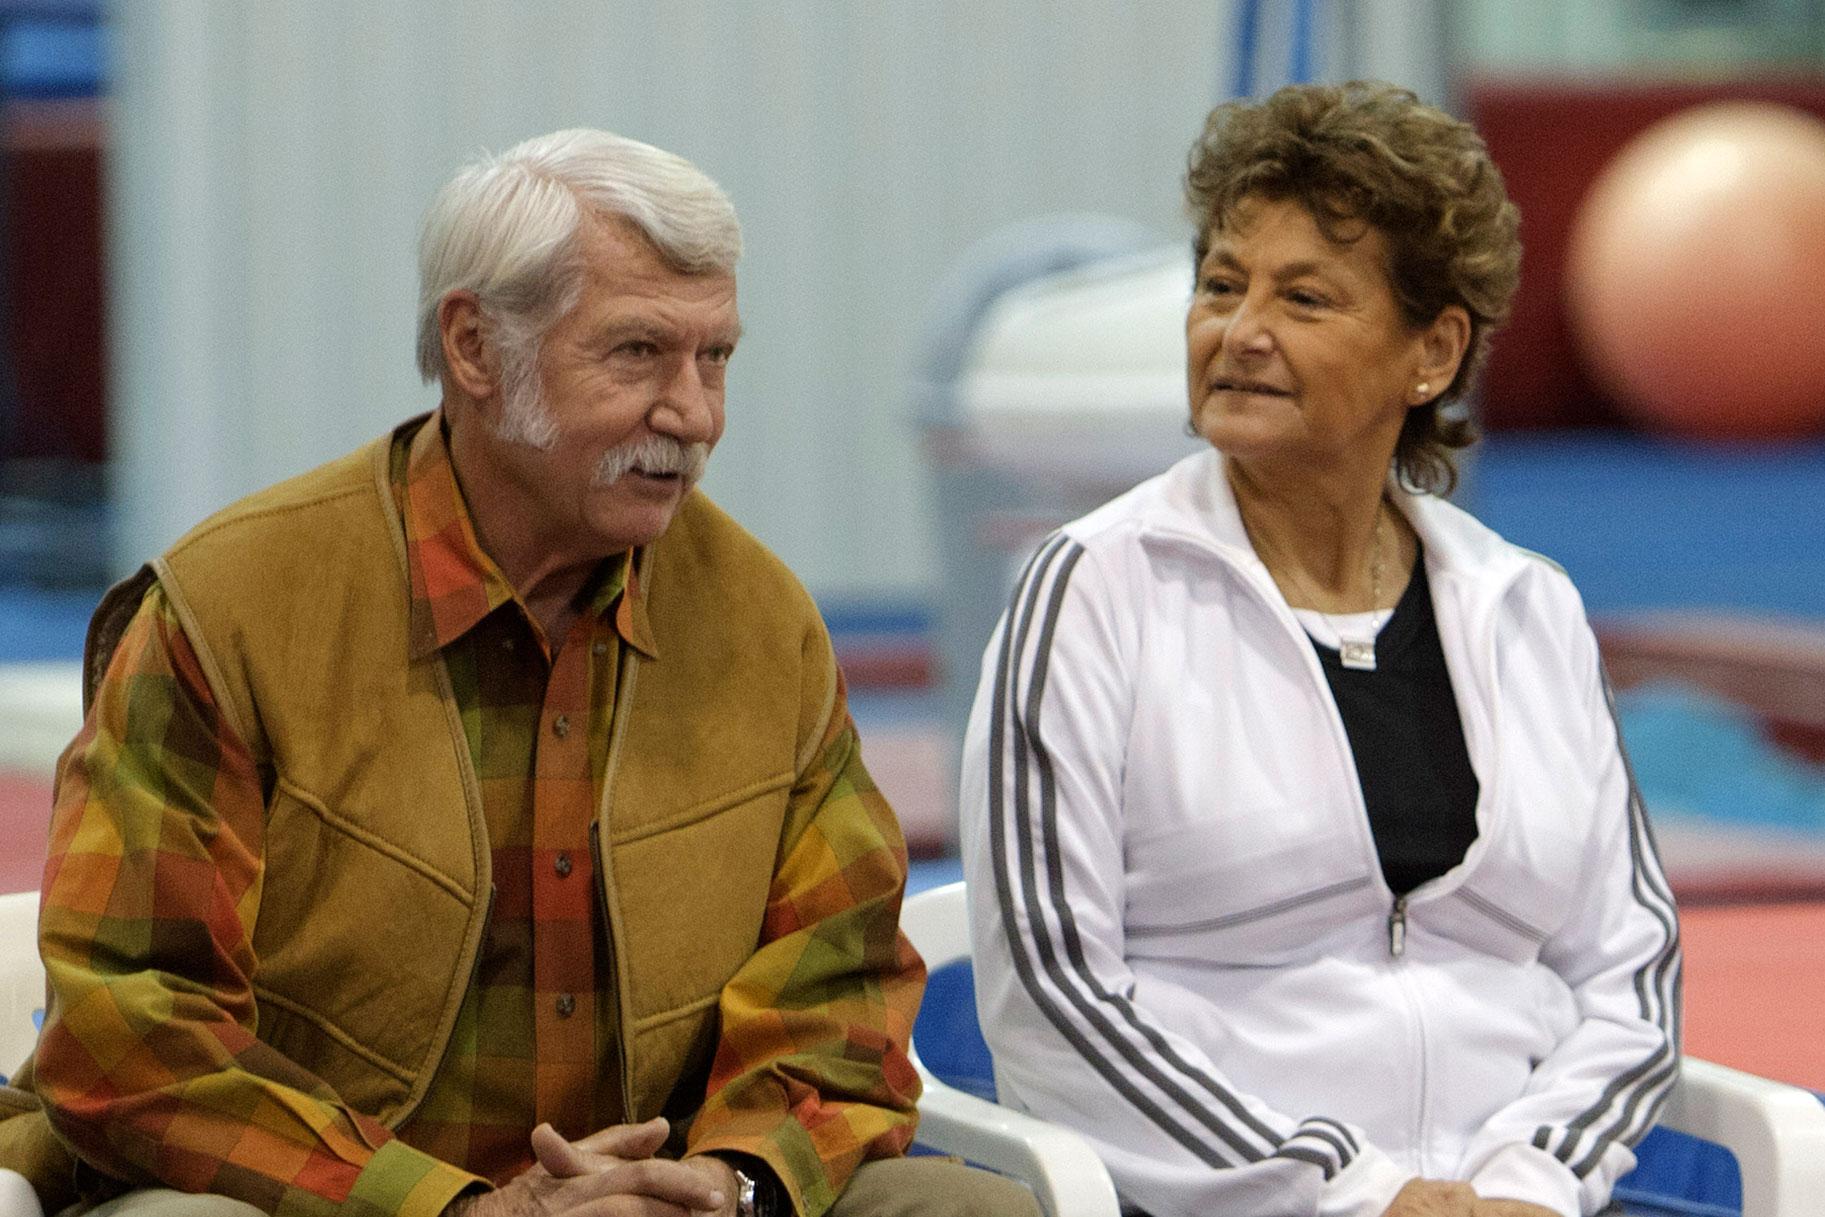 ¿Cómo se relaciona la pareja más famosa de gimnasia, los Karolyis, con el abusador sexual Larry Nassar?